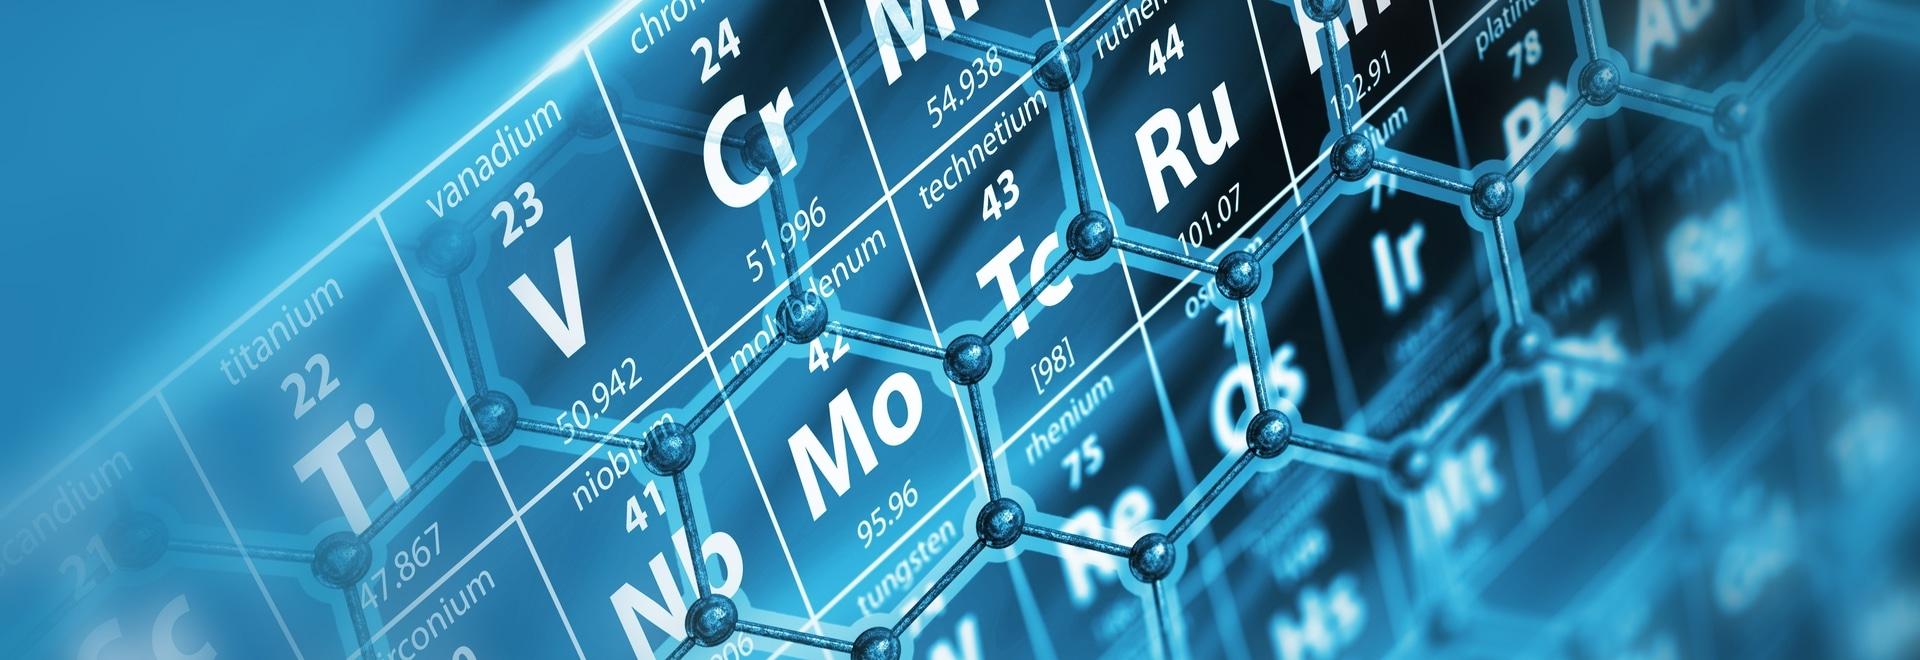 Focus on Pharma - Elemental Analysis: Simplify your workflow